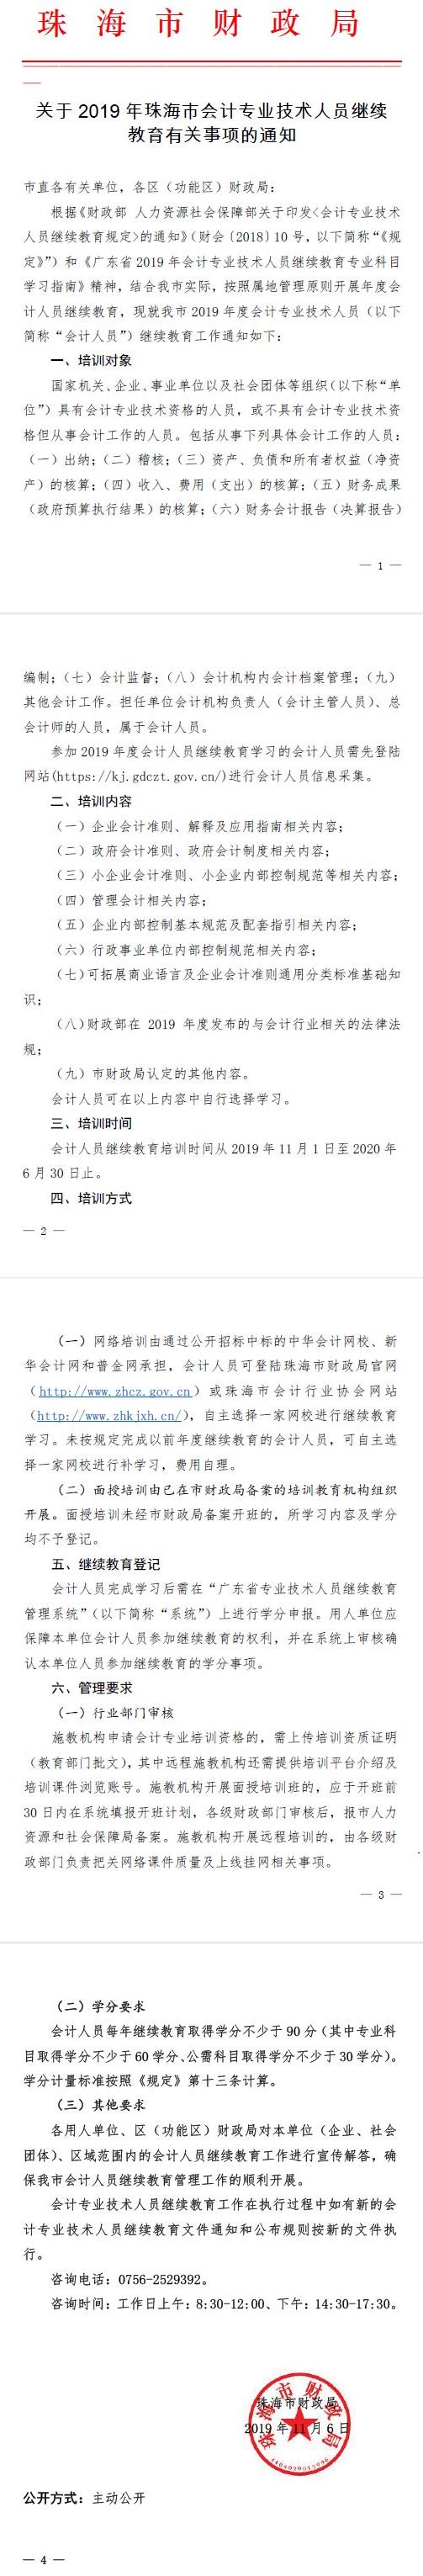 论会计人员继续教育_广东珠海2019年会计人员继续教育:11月1日起_中级会计职称_中华 ...